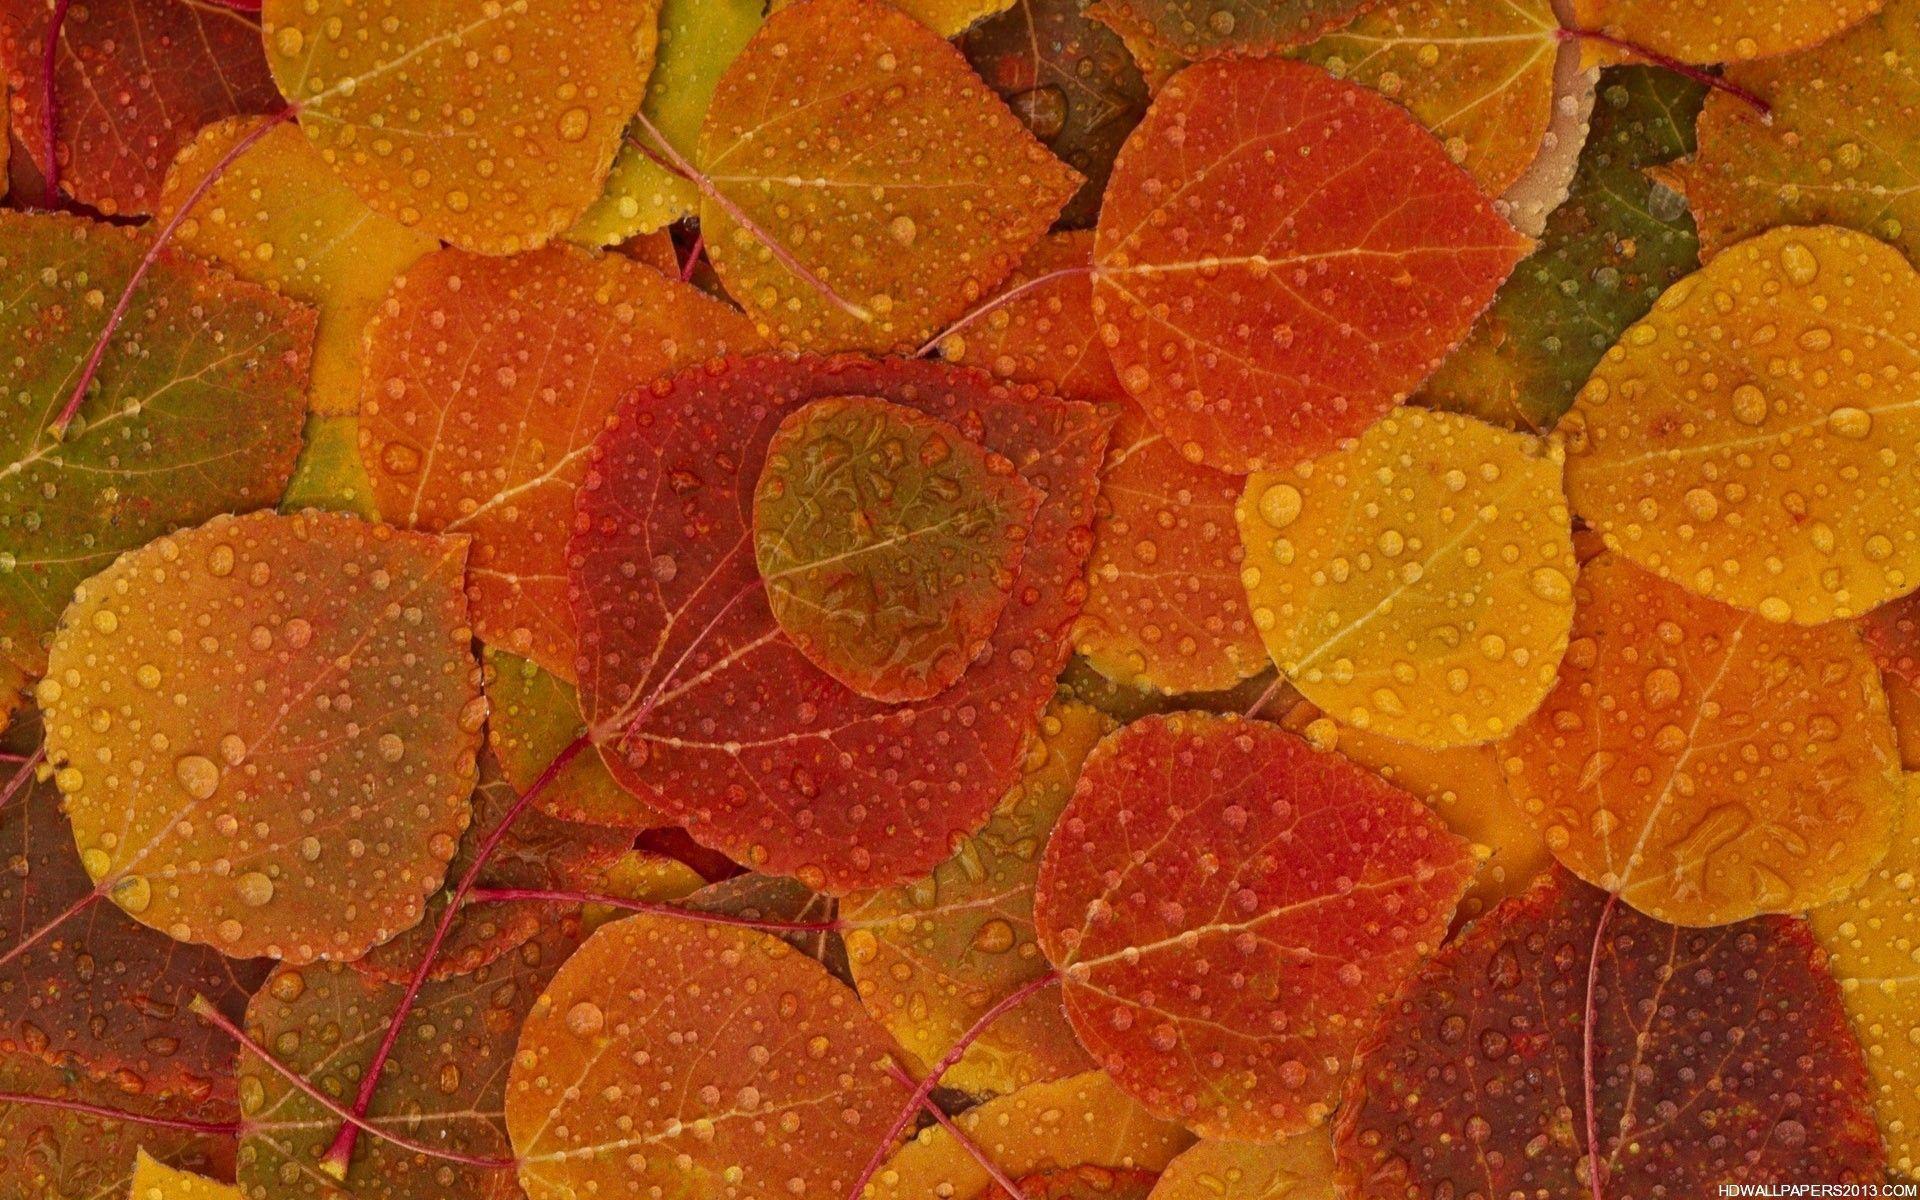 Fall   wallpaper, hd wallpaper, background desktop